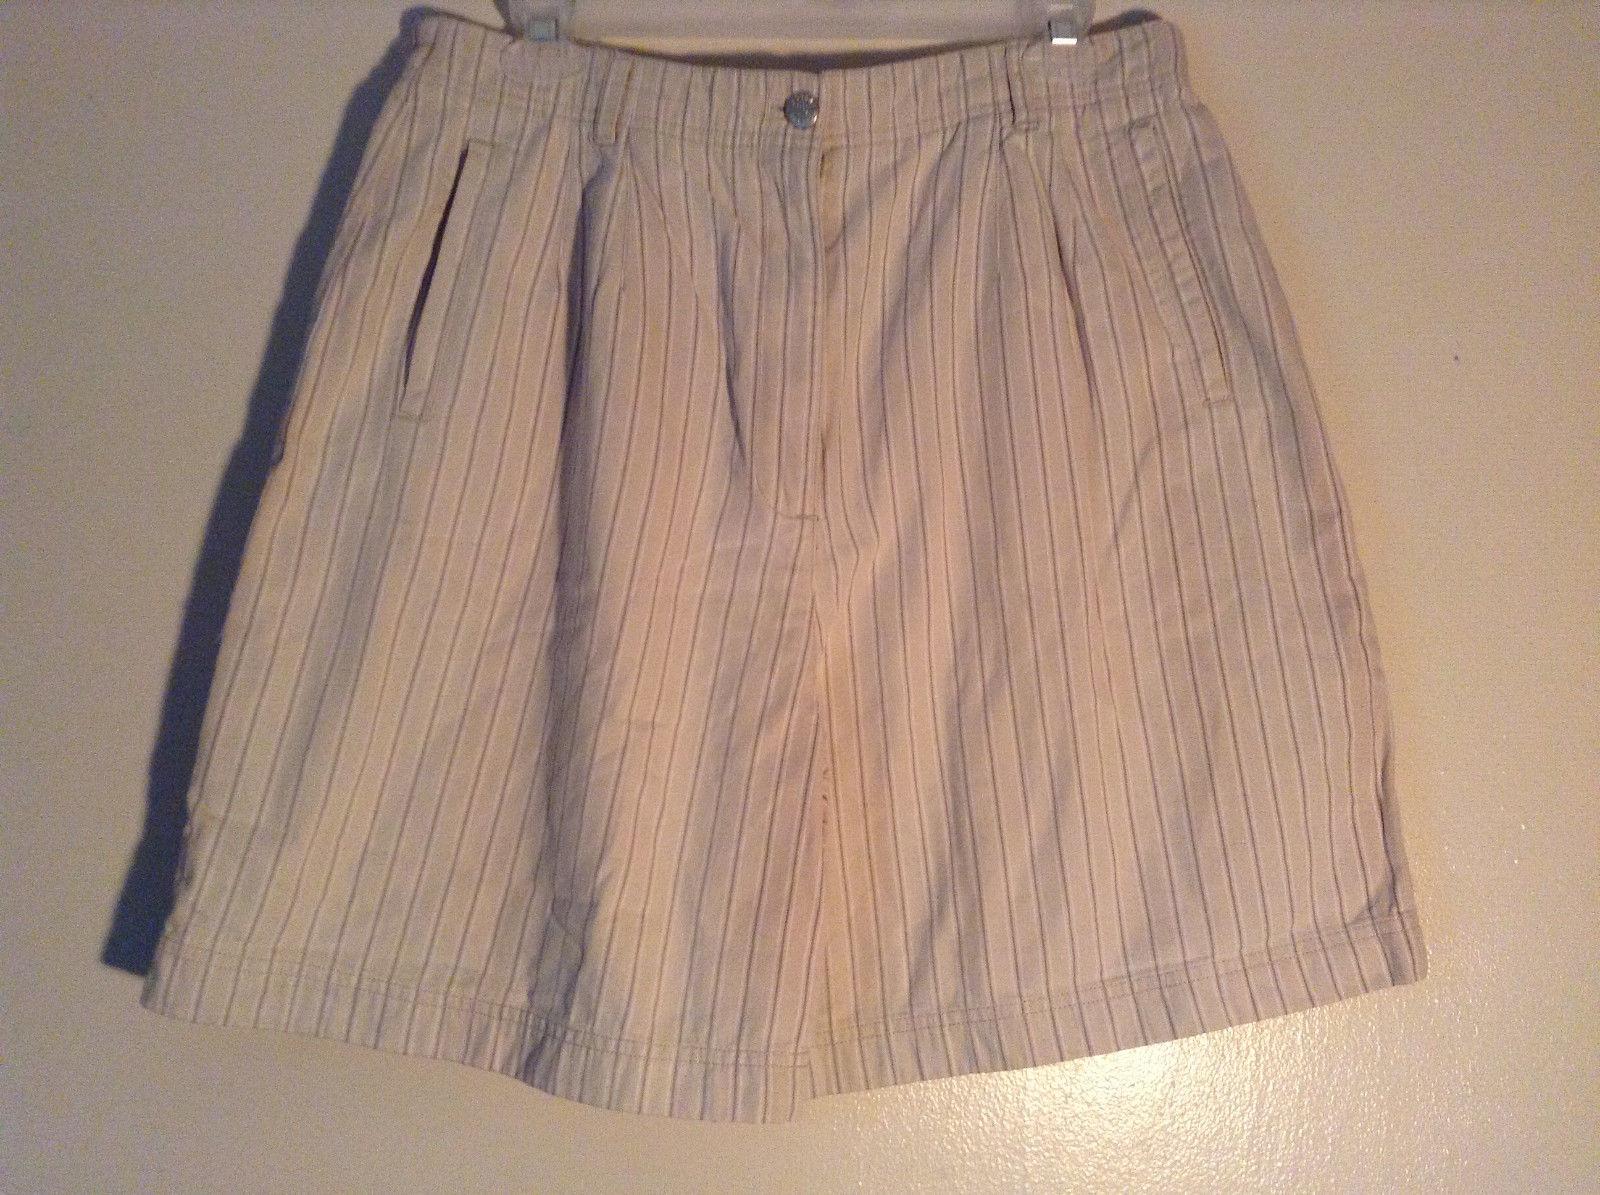 Susan Bristol Casuals Whtie Brown Beige Striped Shorts Pockets Size 14